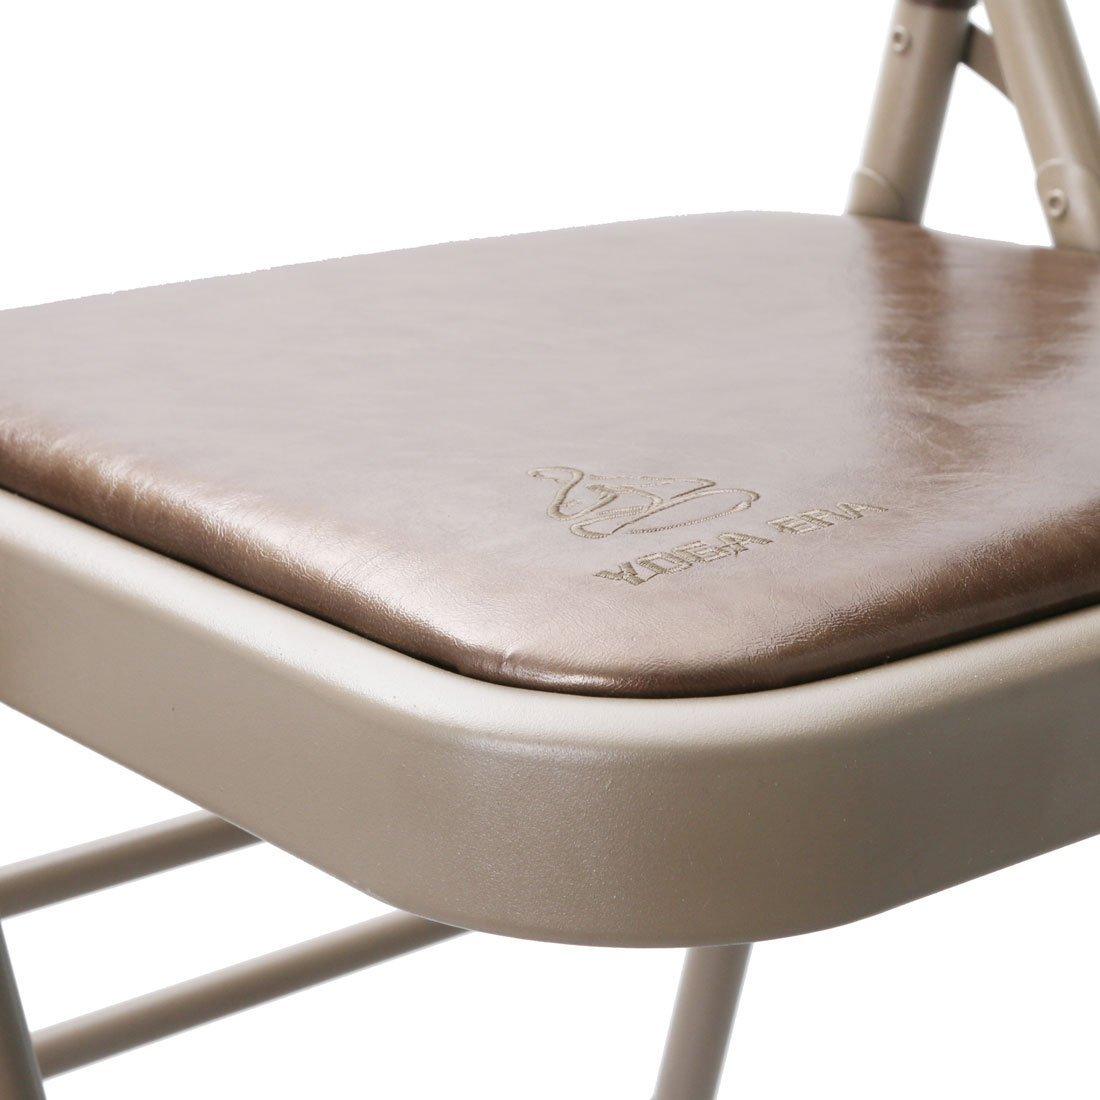 DealMux ferro doméstico escritório Exercício relaxante Academia Backless Folding Chair Yoga Prop